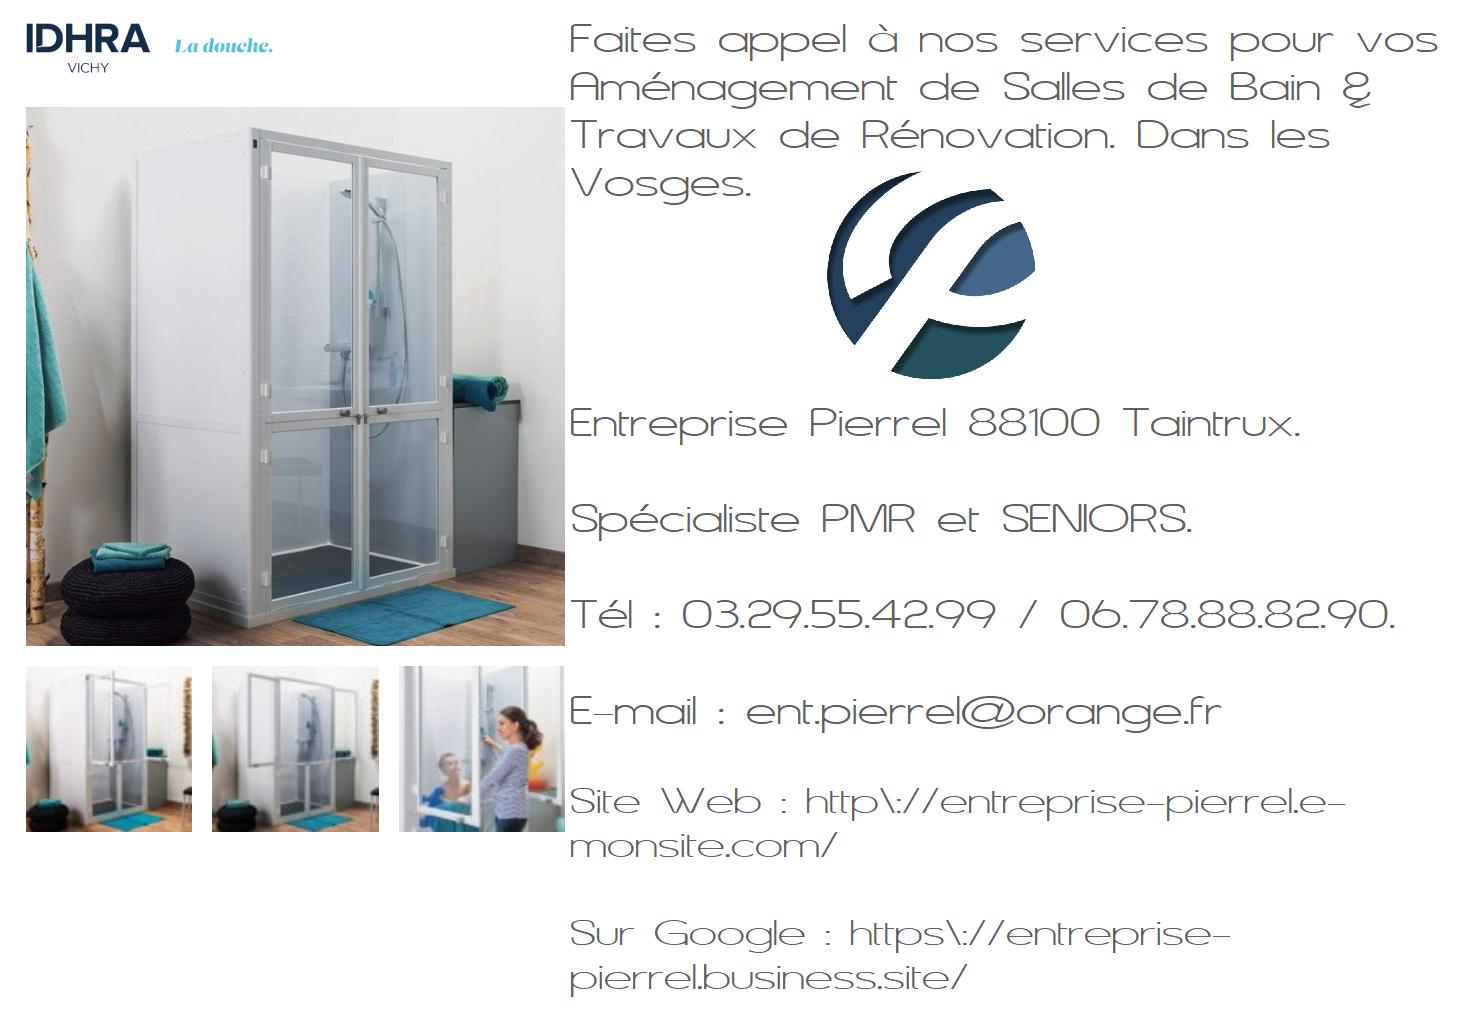 Aménagement de Salles de Bain Entreprise Pierrel 88100 Taintrux. Tel 03.29.55.42.99.